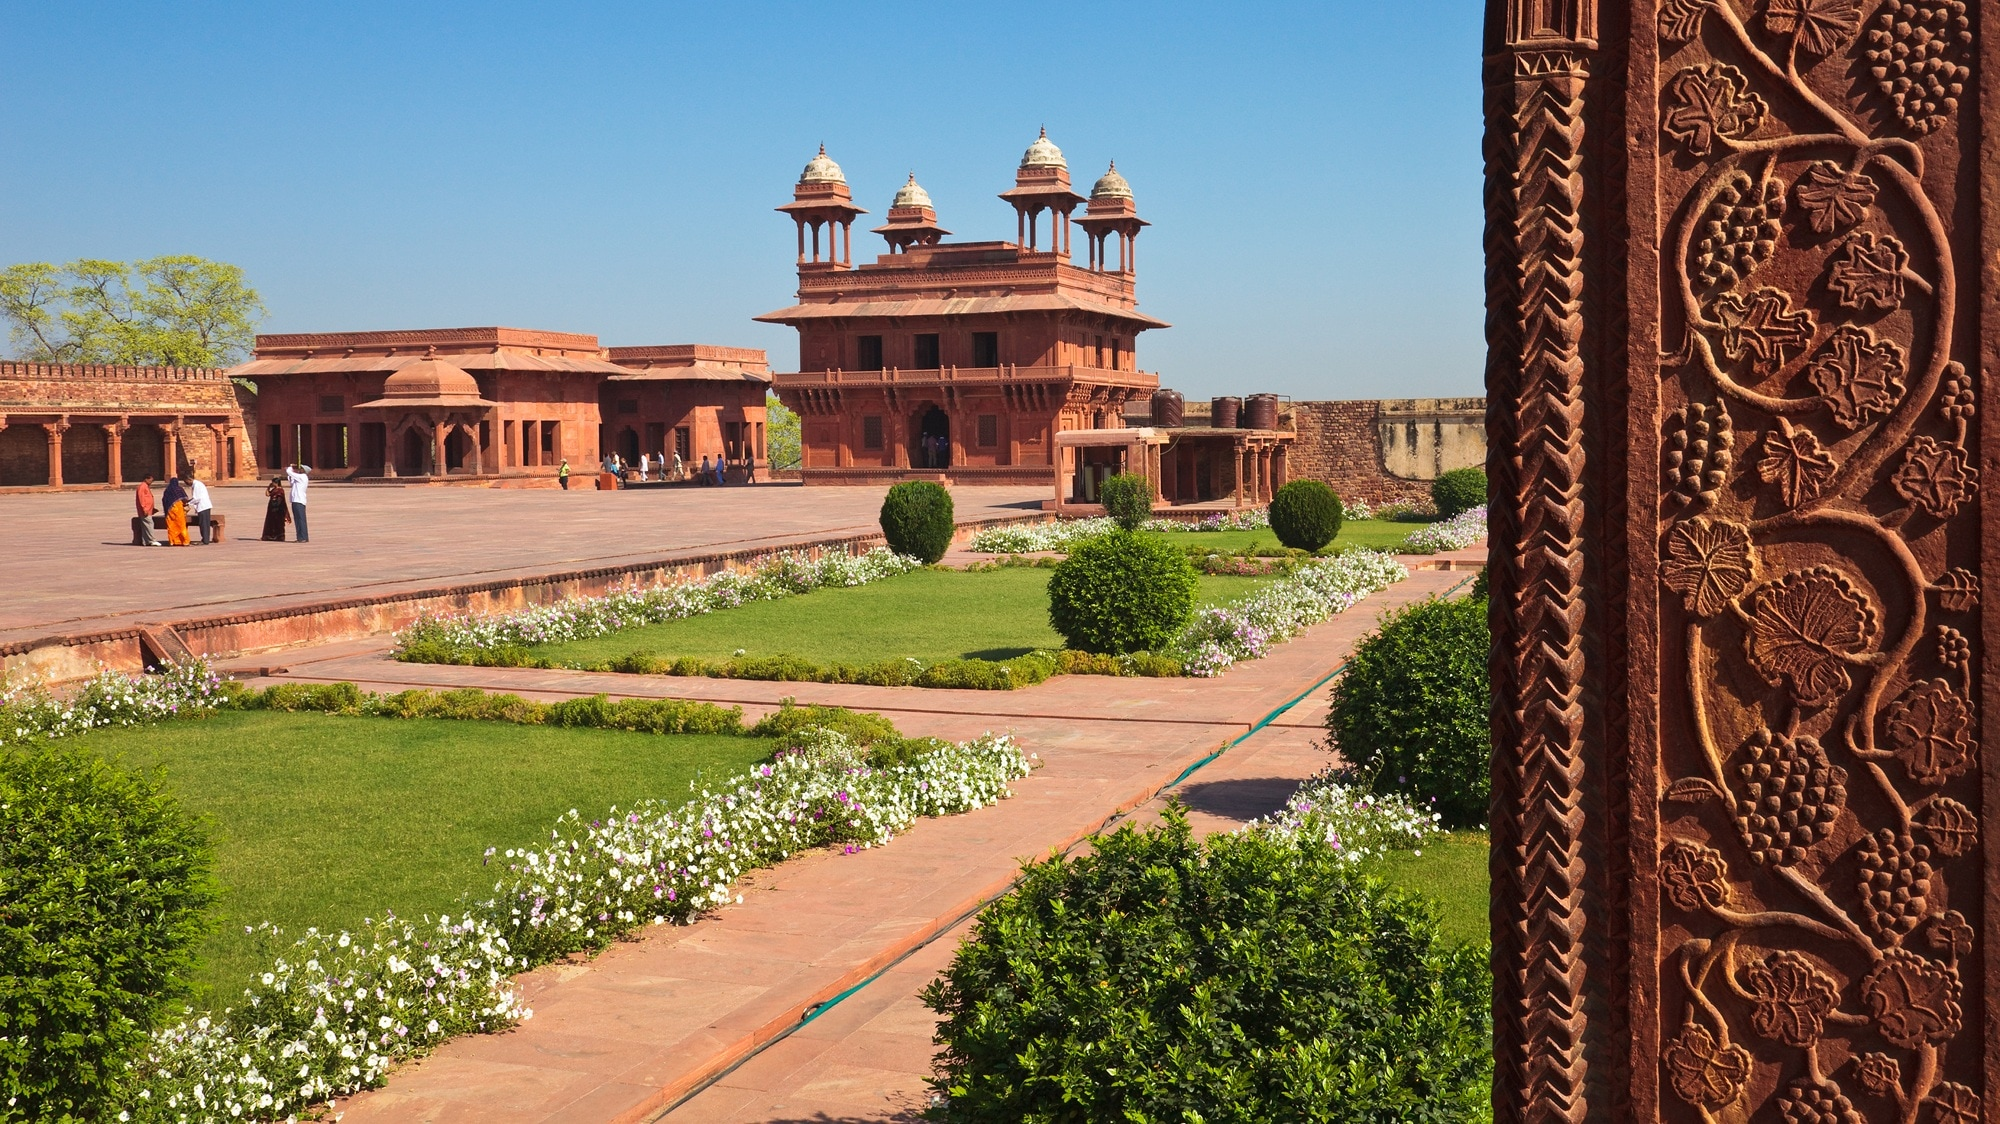 Diwan i Khas Hall (A part of Fatehpur Sikri)